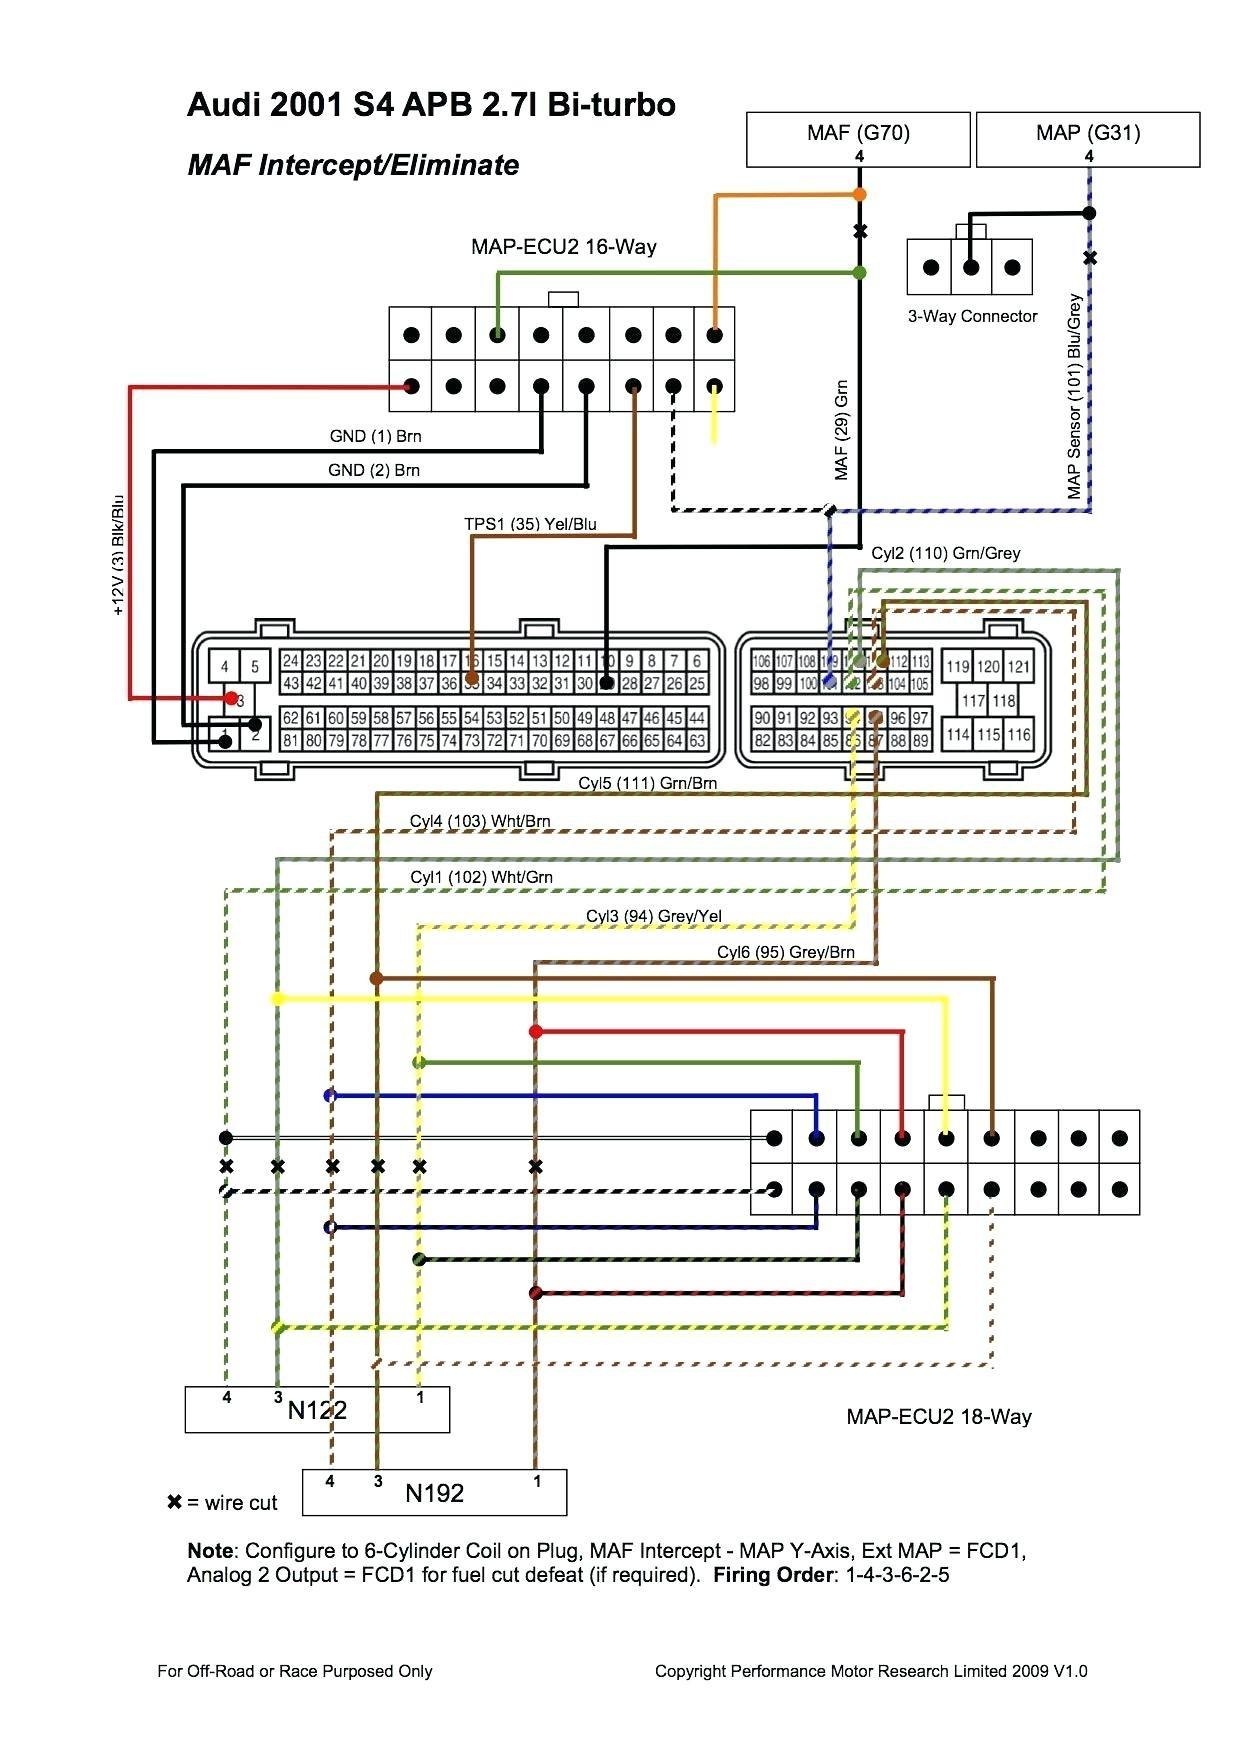 1991 Honda Accord Wiring Diagram Cb 900 Dodge Durango Stereo 2000 Radio Factory Headlight Of